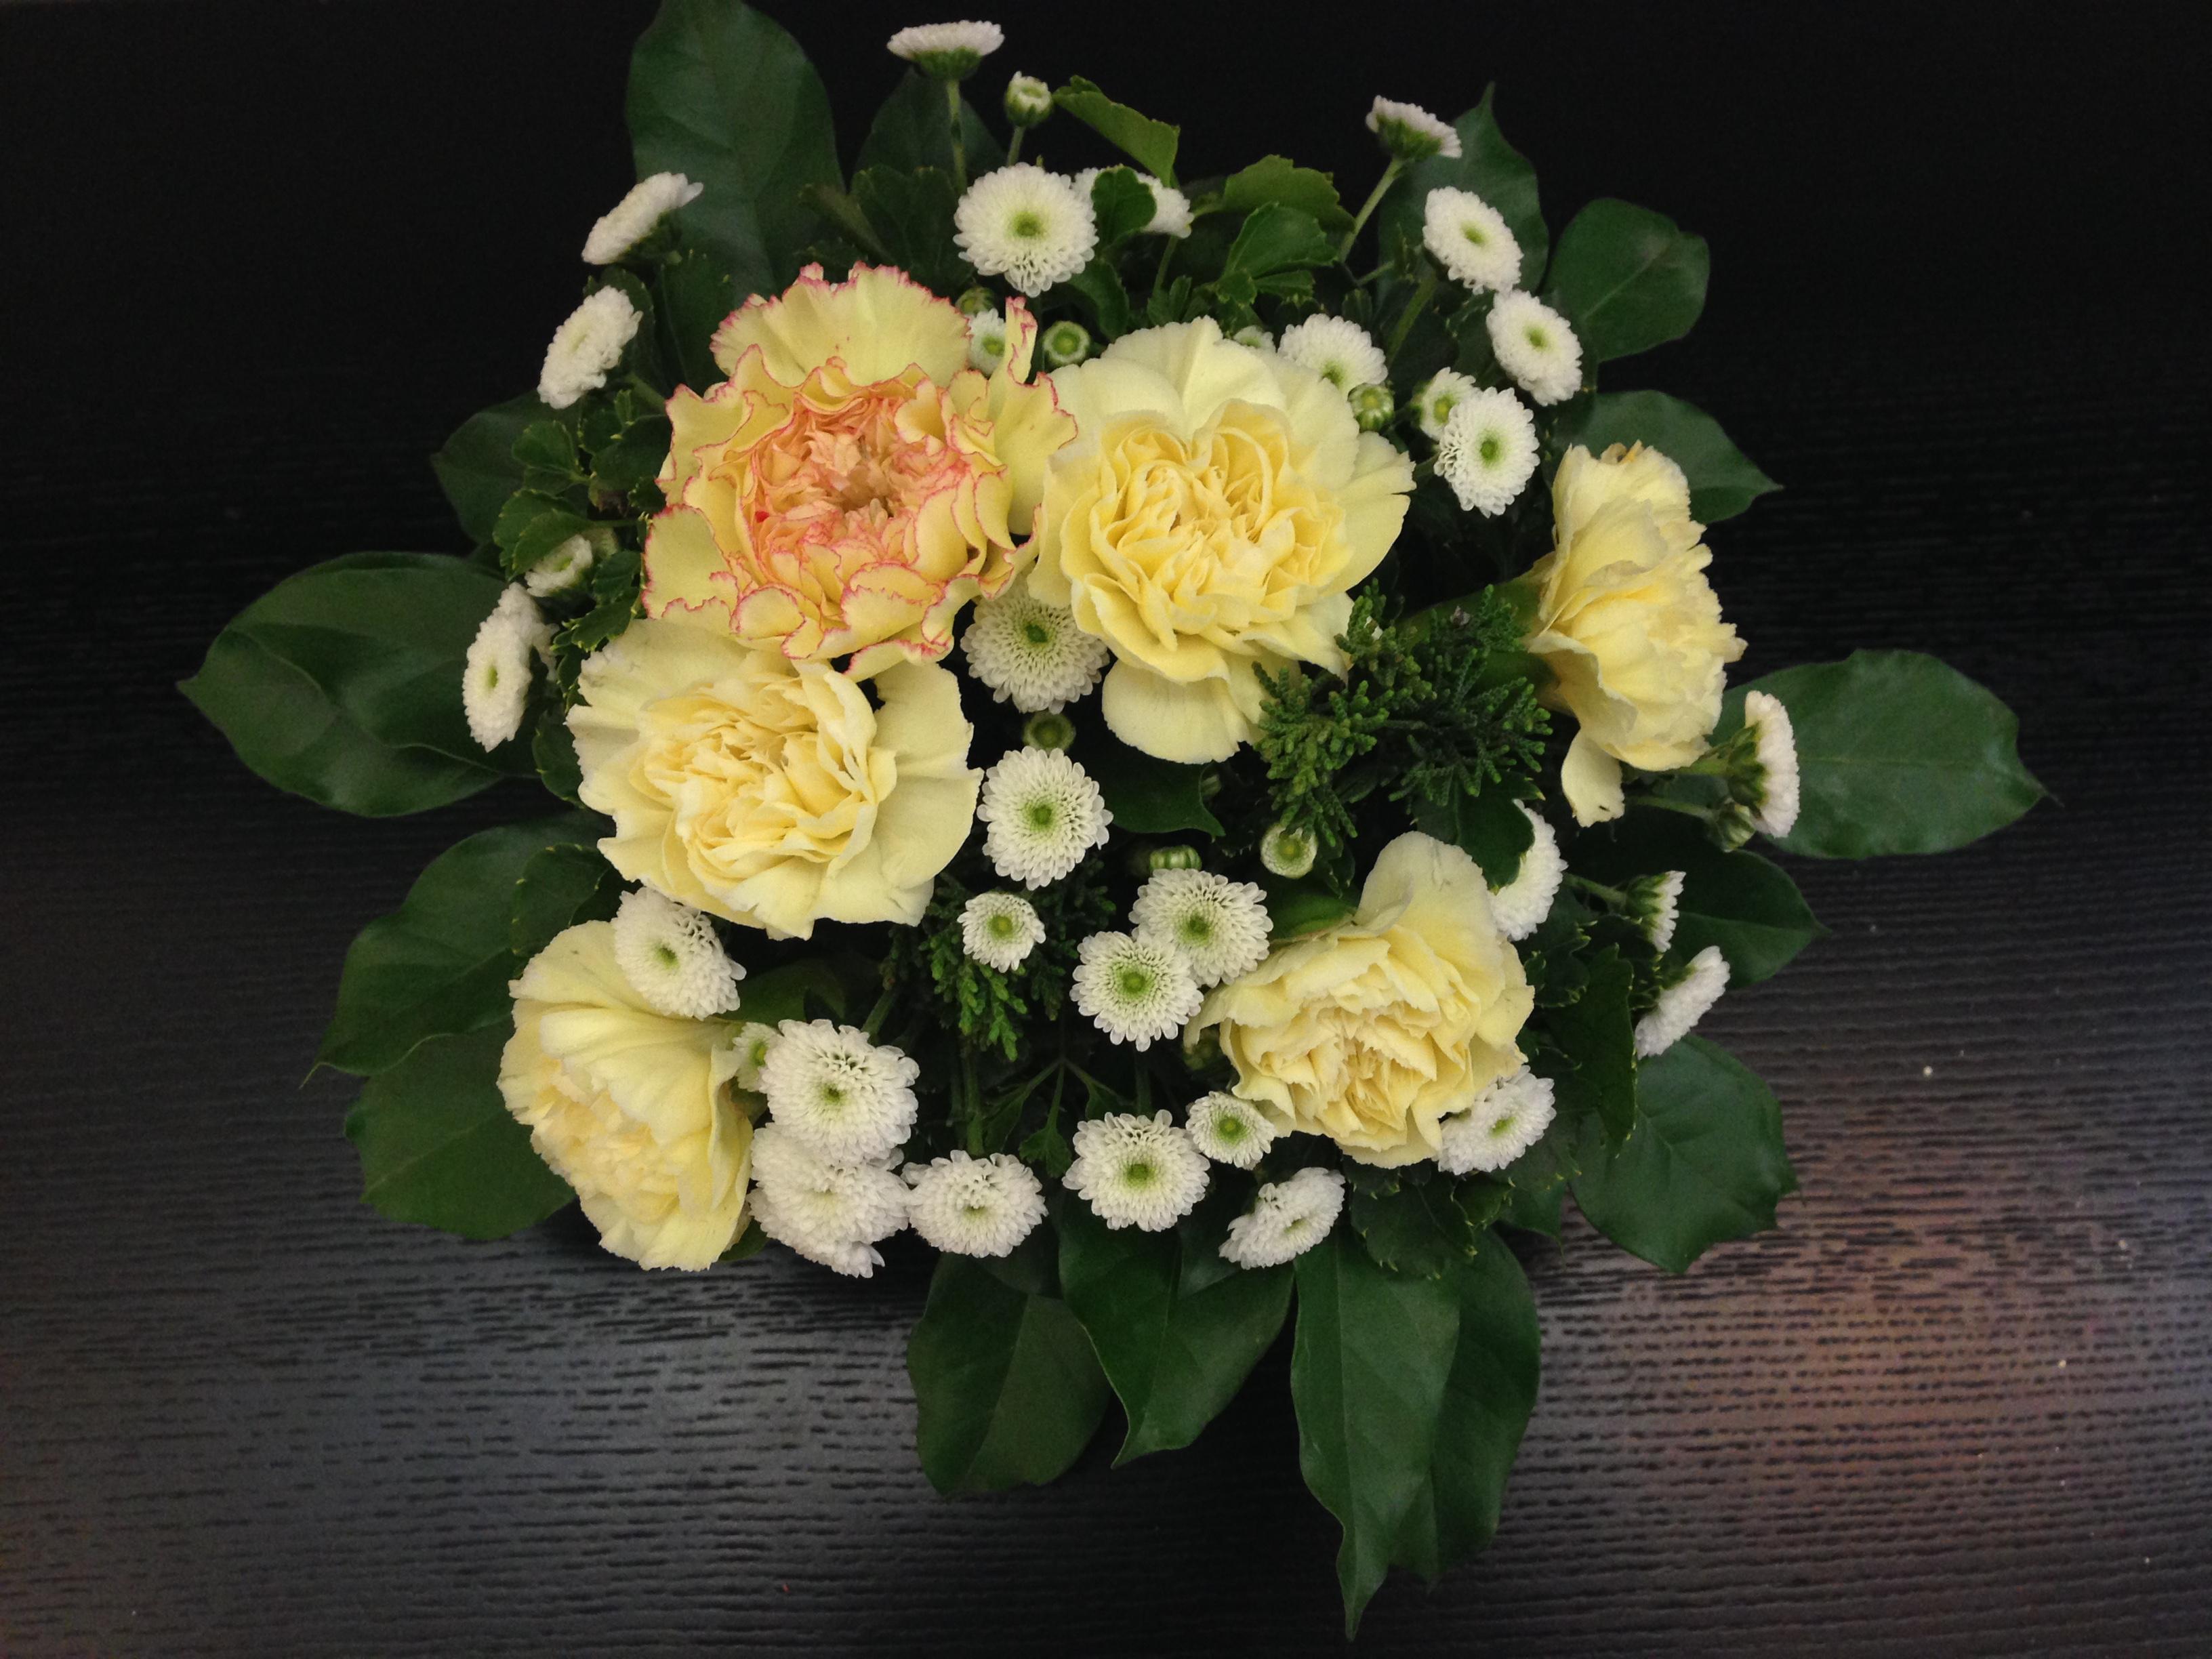 Hướng dẫn cách cắm hoa cúc đẹp nhỏ nhắn xinh xắn hình 8